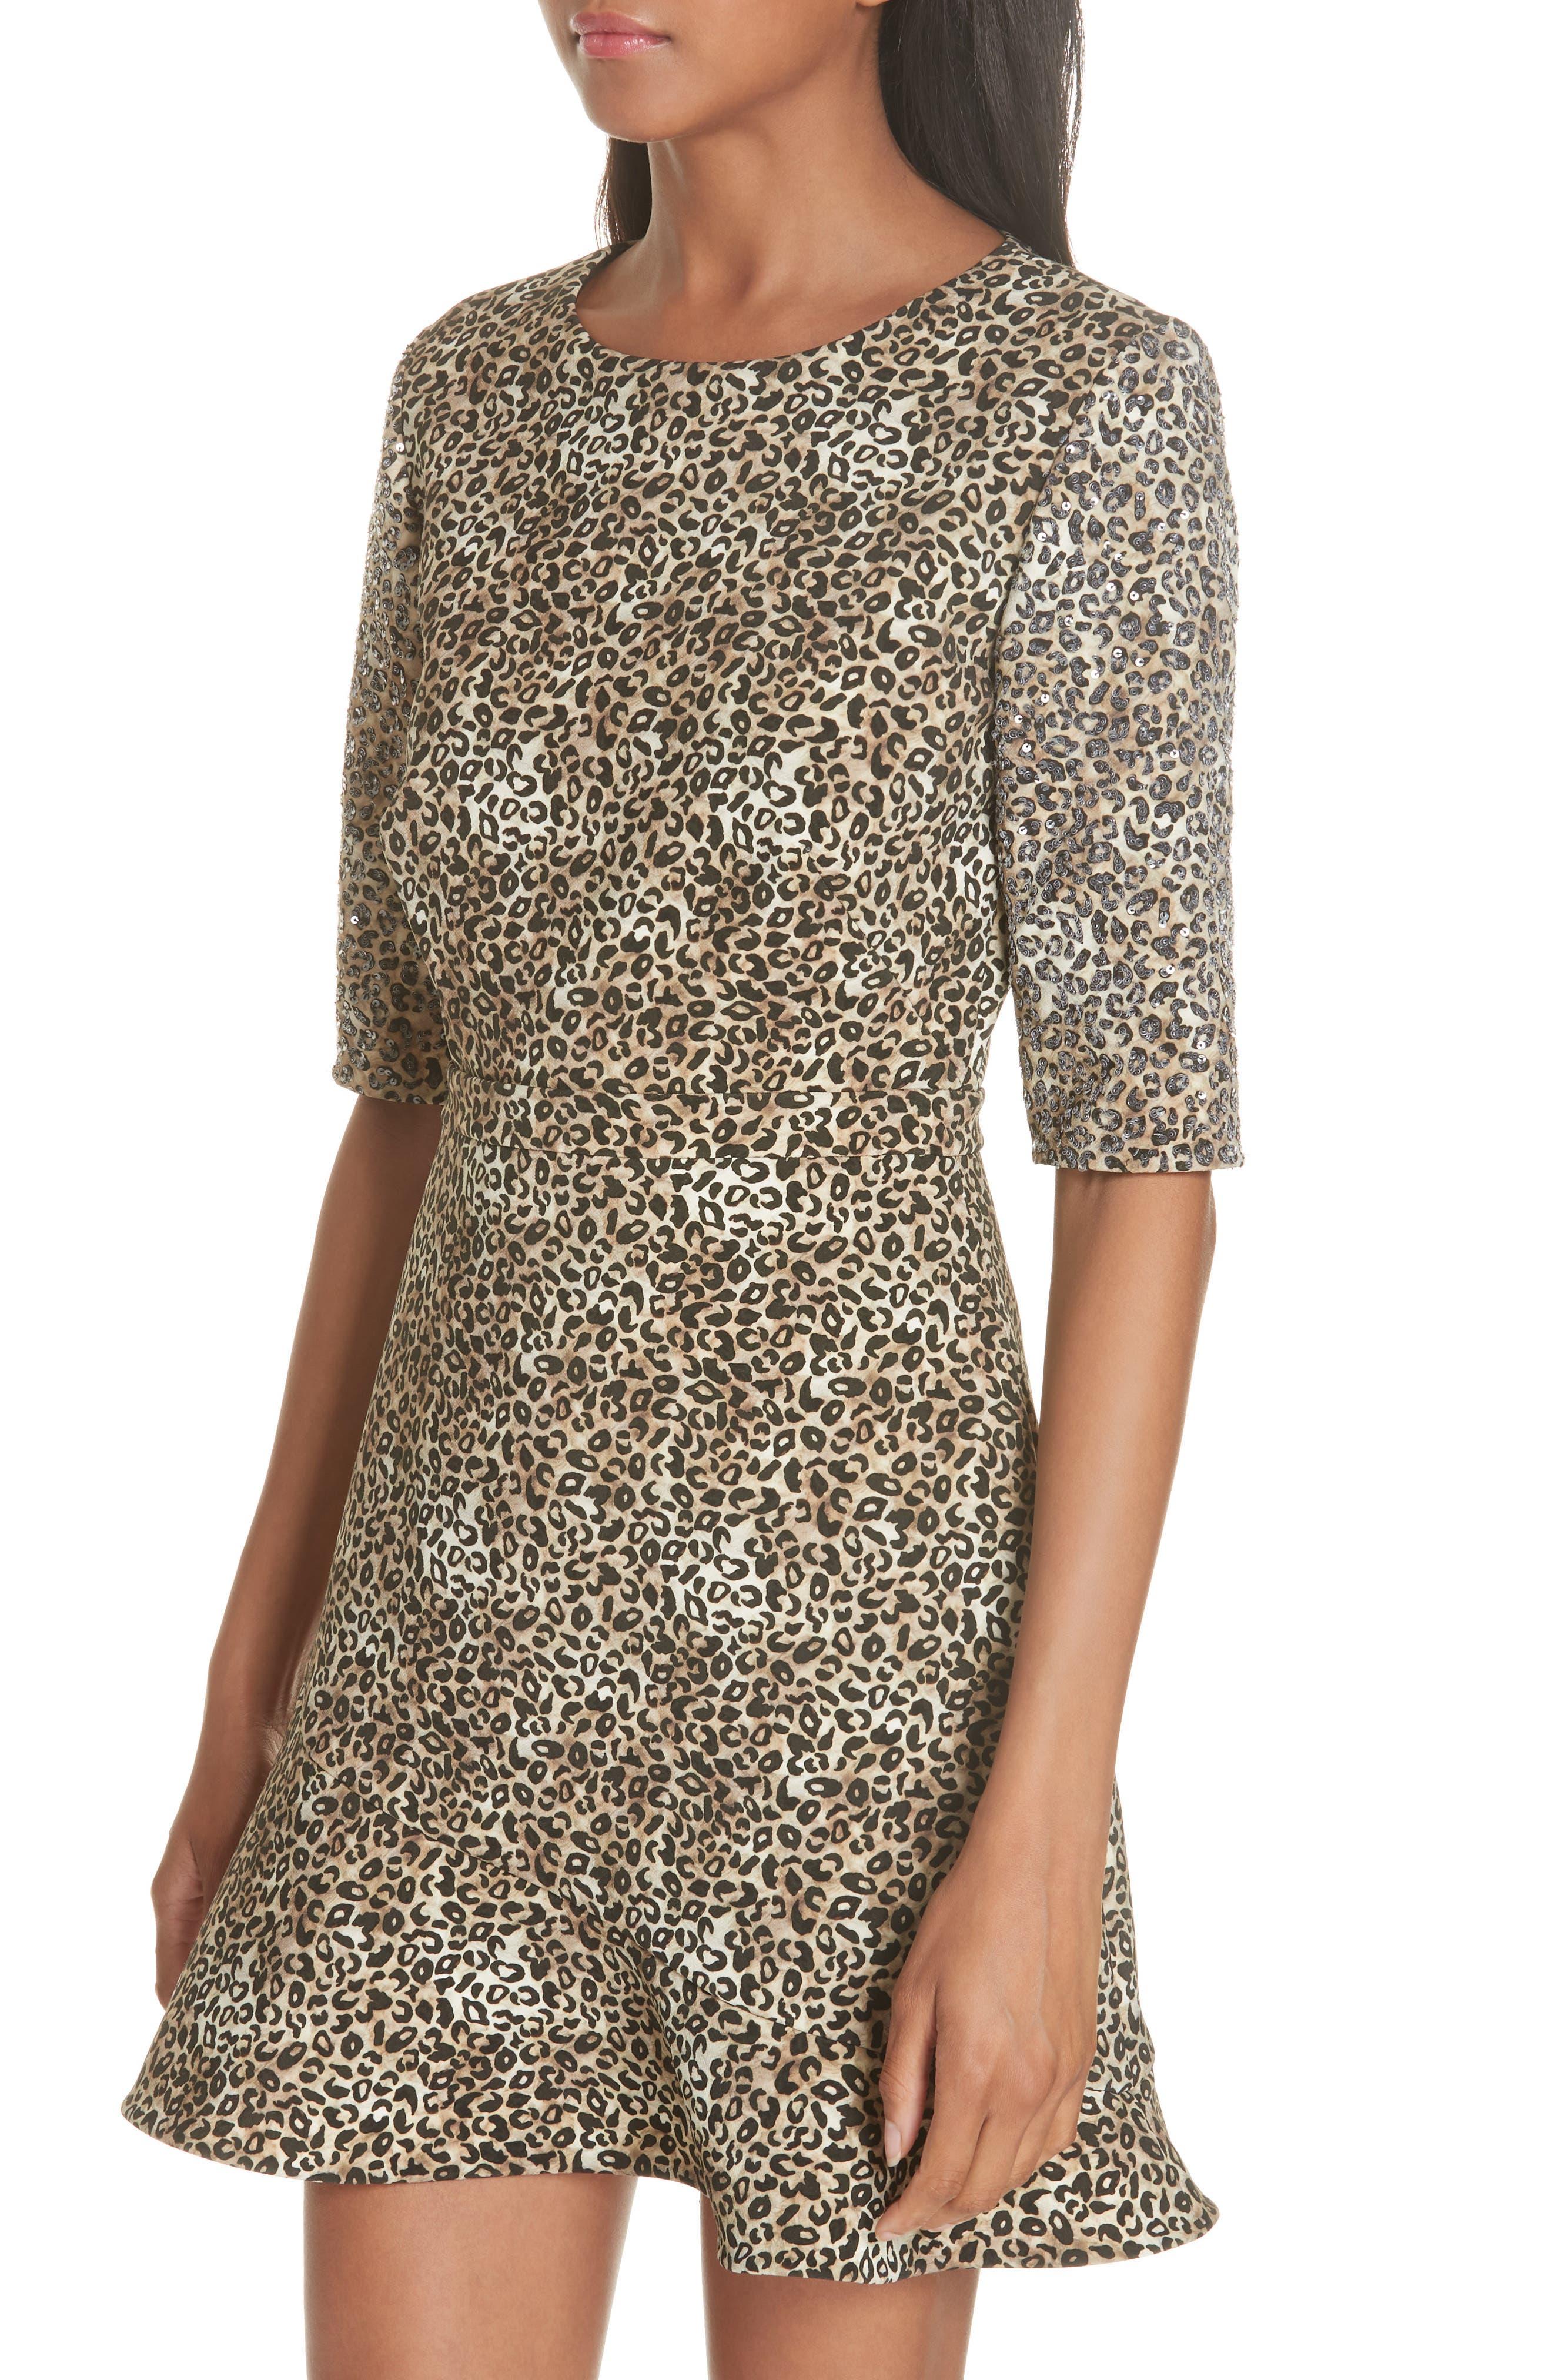 Celia Floral Print Dress,                             Alternate thumbnail 4, color,                             True Leopard